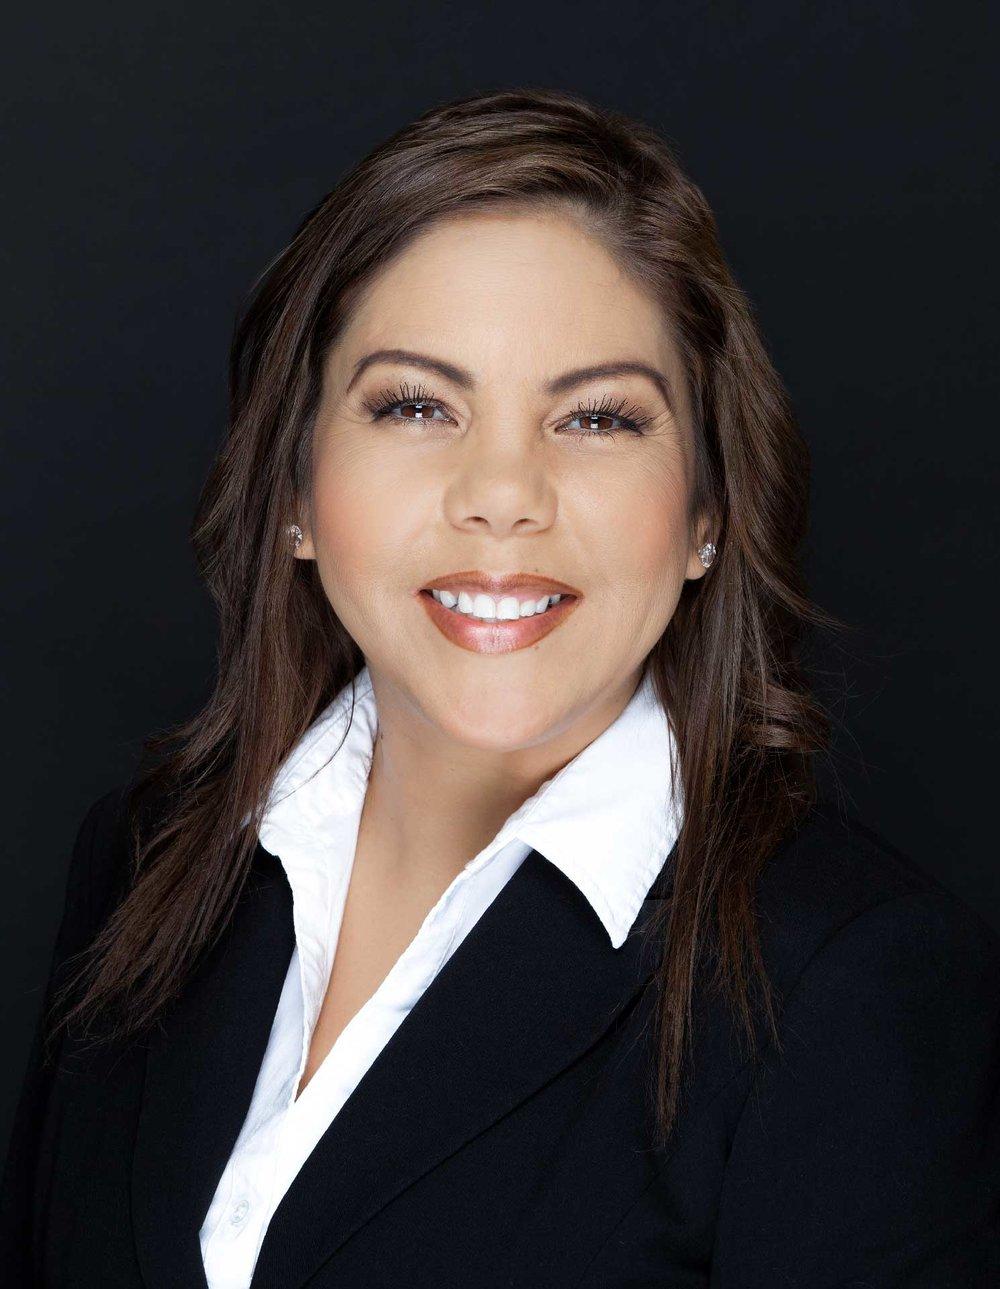 Alejandra-Quintero-2.jpg